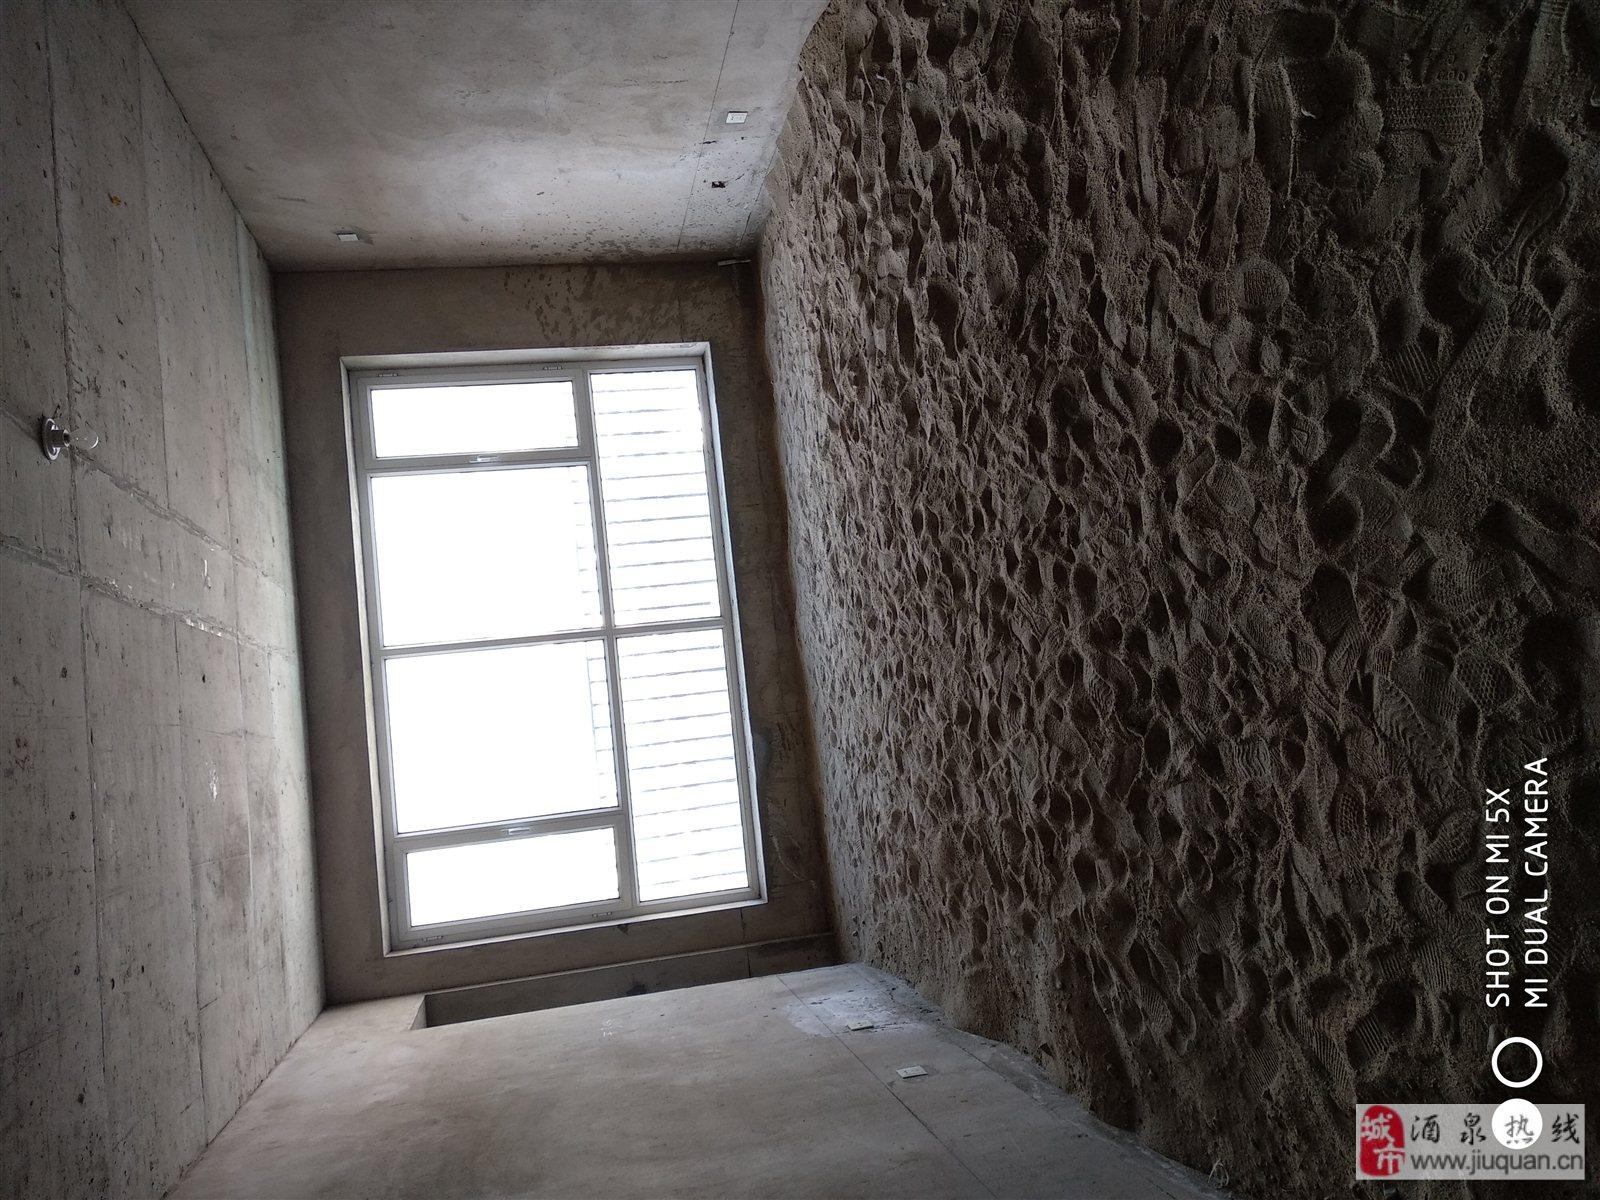 月太佳苑新房按揭急售2室 2厅 1卫52.8万元